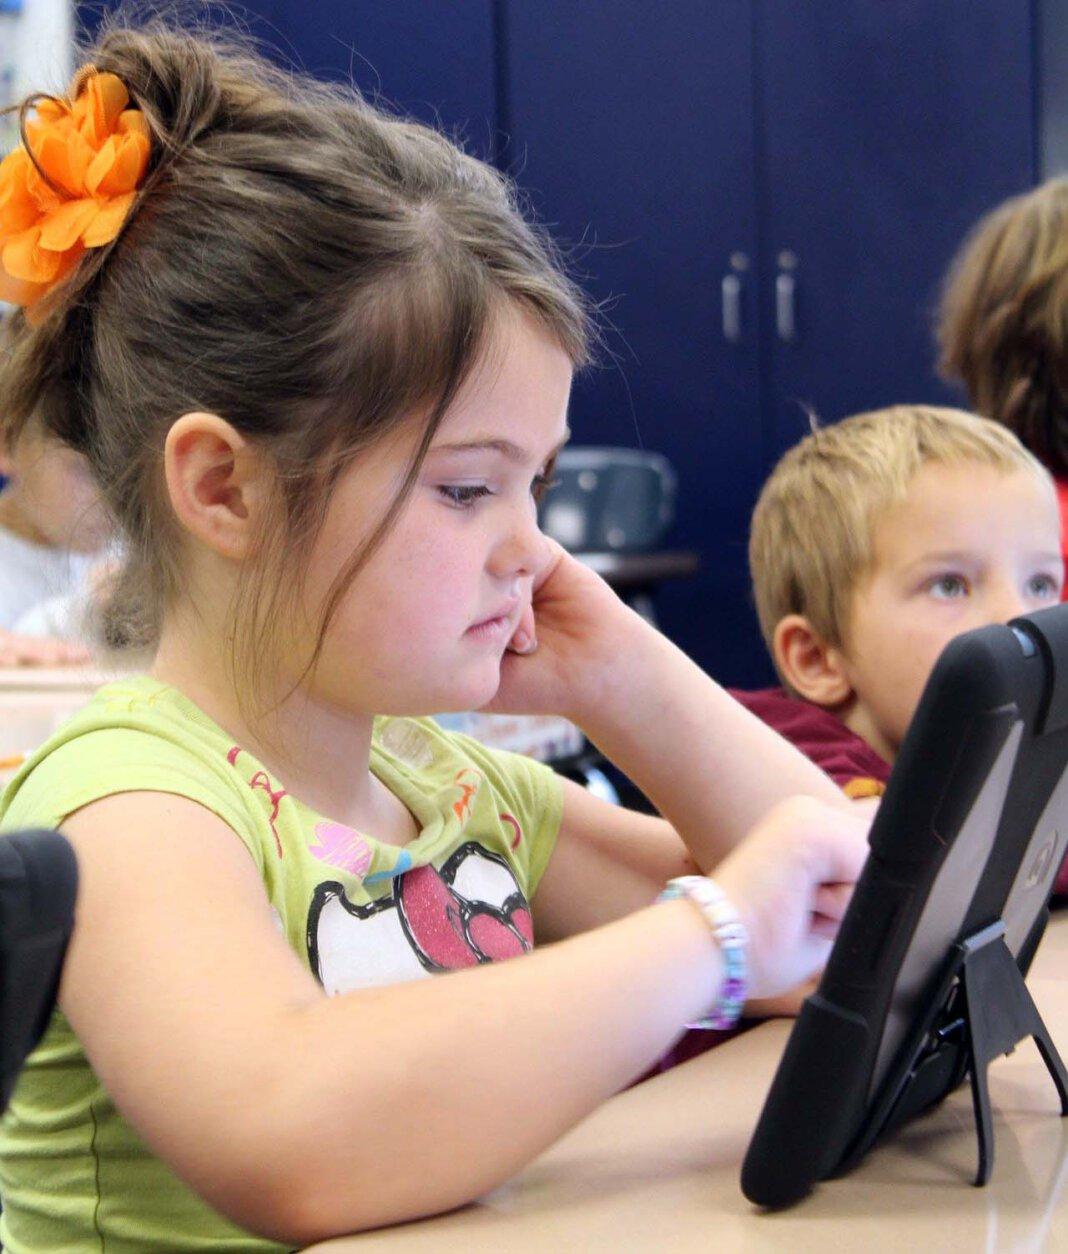 Das Lernen auf Distanz soll mit der Plattform verbessert werden. Bislang fehlen aber noch die bestellten iPads, damit alle Kinder in den Genuss von digitalen Unterichtsstunden kommen können. Foto: pixabay